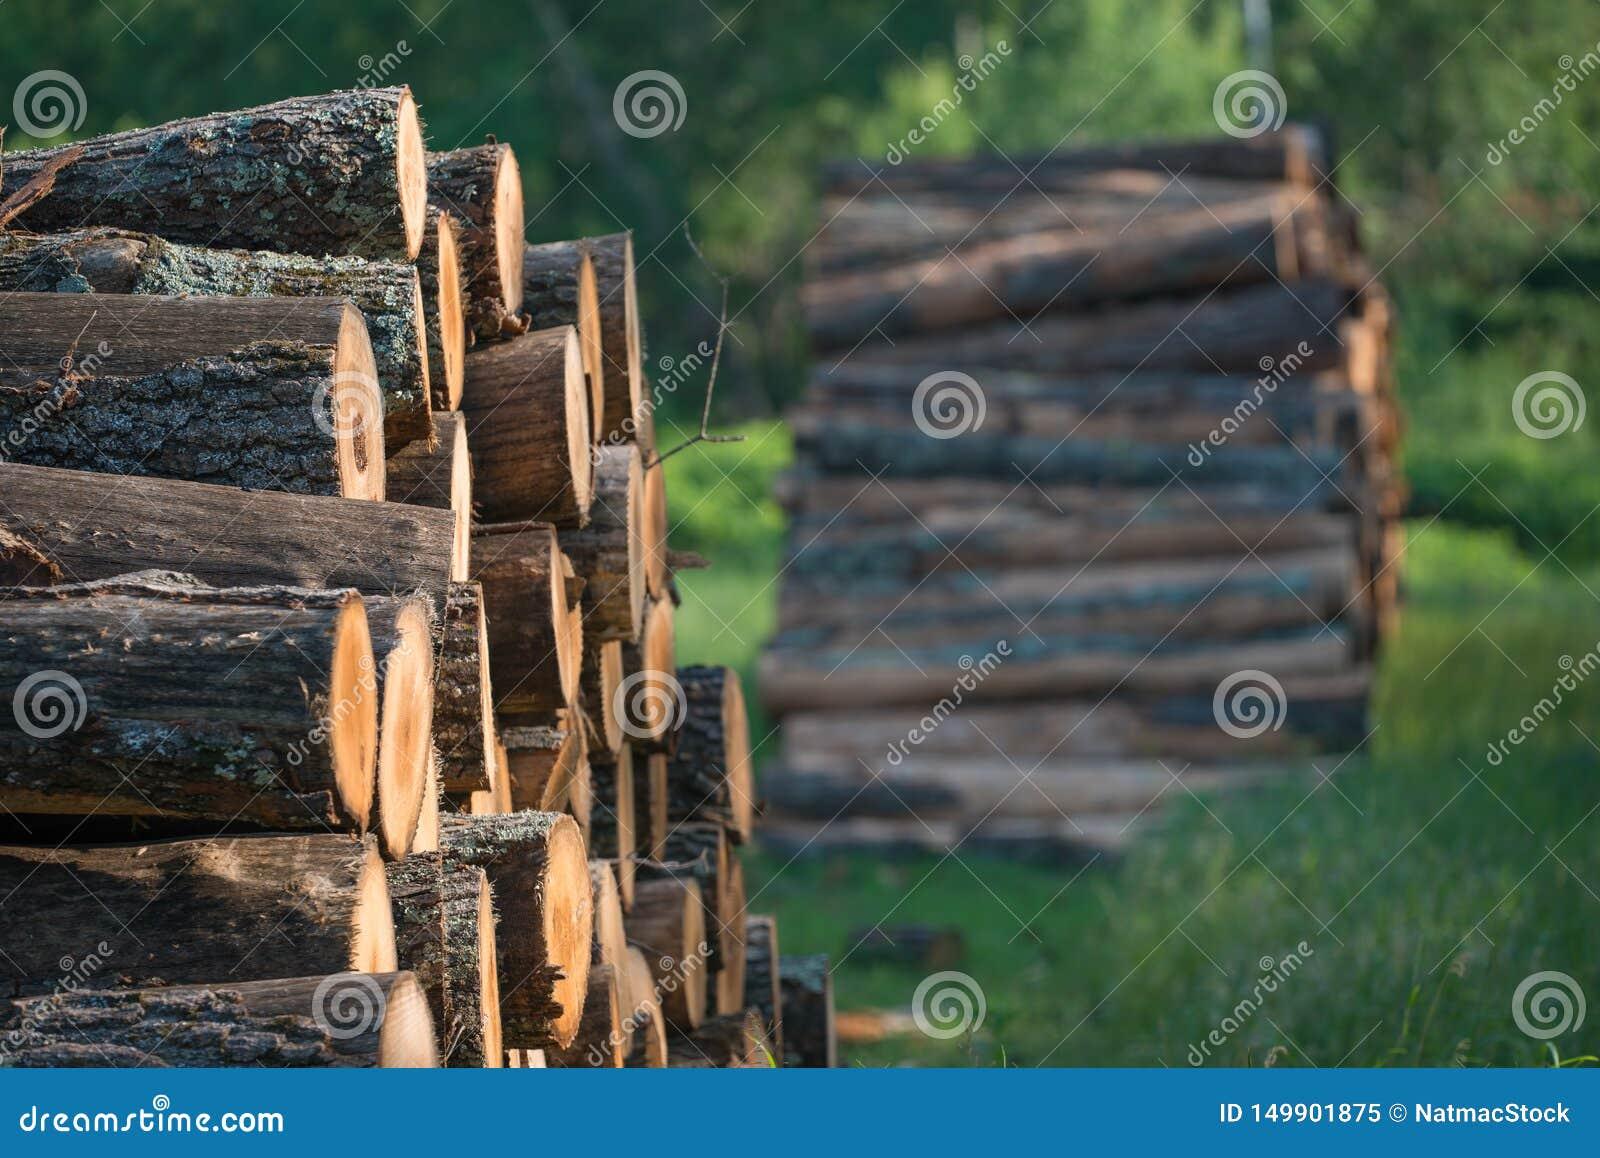 Stapel von Staplungs- aufgezeichneten Bäumen vom Gouverneur Knowles State Forest in Nord-Wisconsin - DNR hat Arbeitswälder, die h